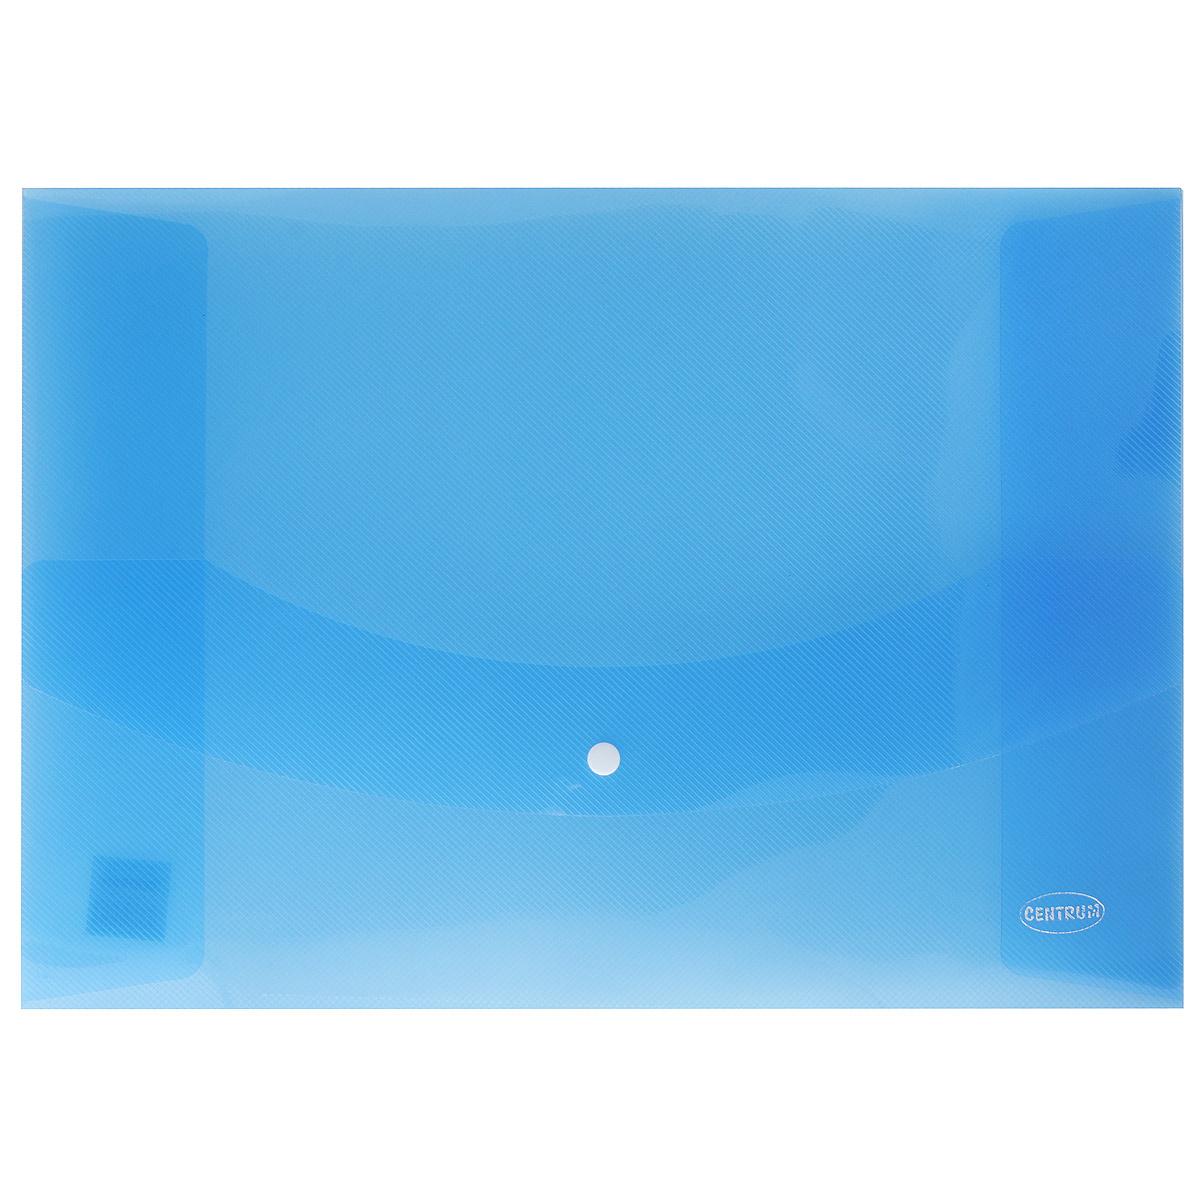 Папка-конверт на кнопке Centrum, цвет: синий. Формат А380626_синийПапка-конверт на кнопке Centrum - это удобный и функциональный офисный инструмент, предназначенный для хранения и транспортировки рабочих бумаг и документов формата А3. Папка изготовлена из полупрозрачного пластика, закрывается клапаном на кнопке. Папка-конверт - это незаменимый атрибут для студента, школьника, офисного работника. Такая папка надежно сохранит ваши документы и сбережет их от повреждений, пыли и влаги.